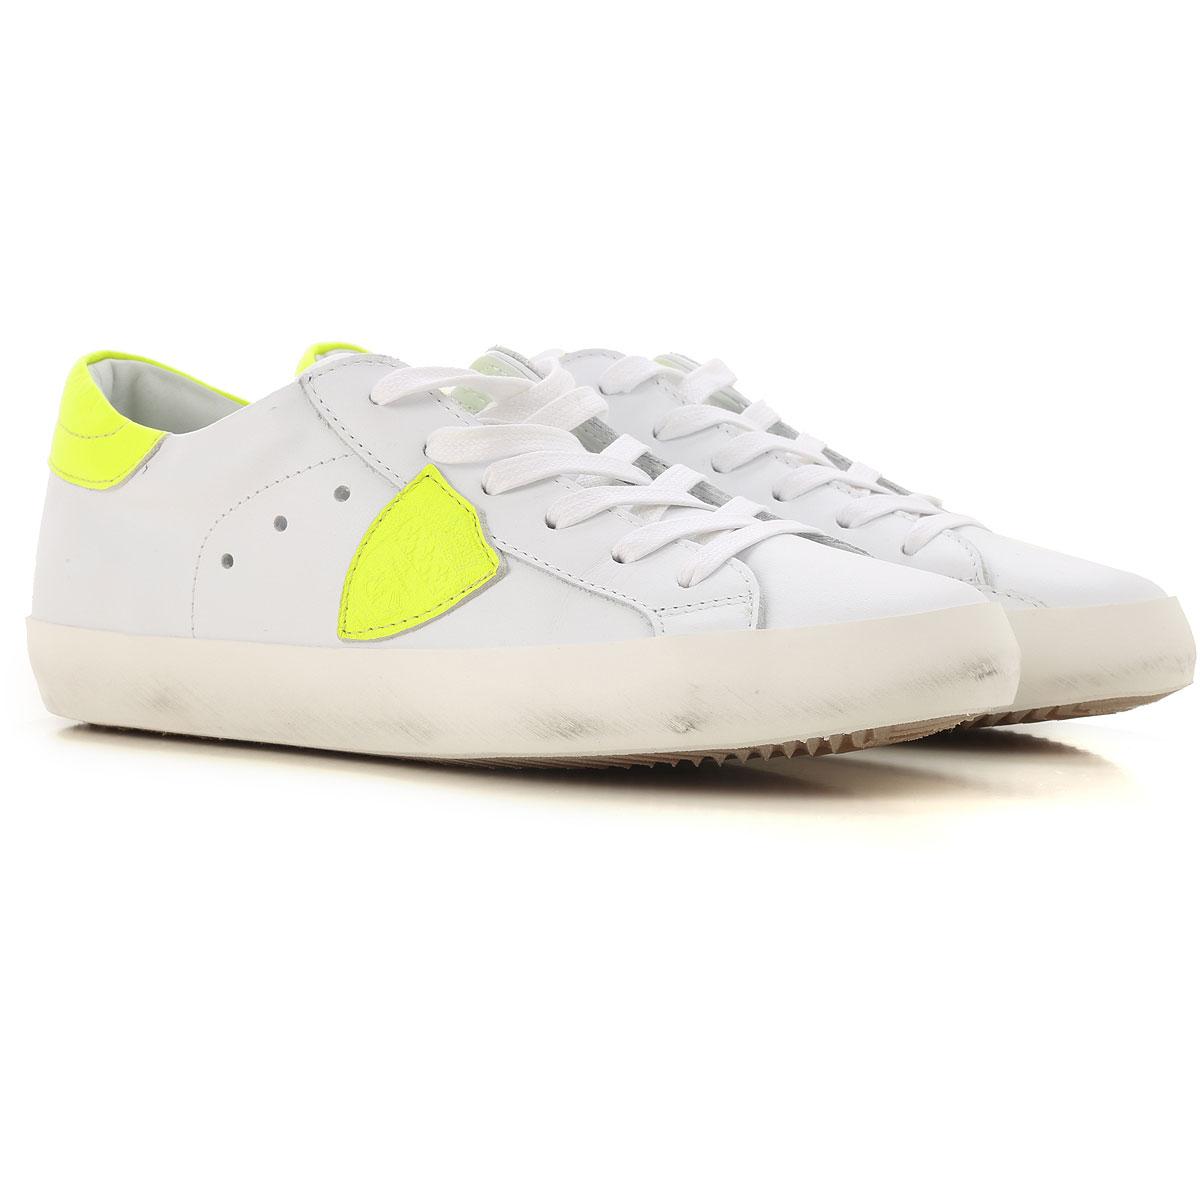 Philippe Model Chaussures Enfant pour Garçon, Blanc, Cuir, 2019, 31 32 33 34 36